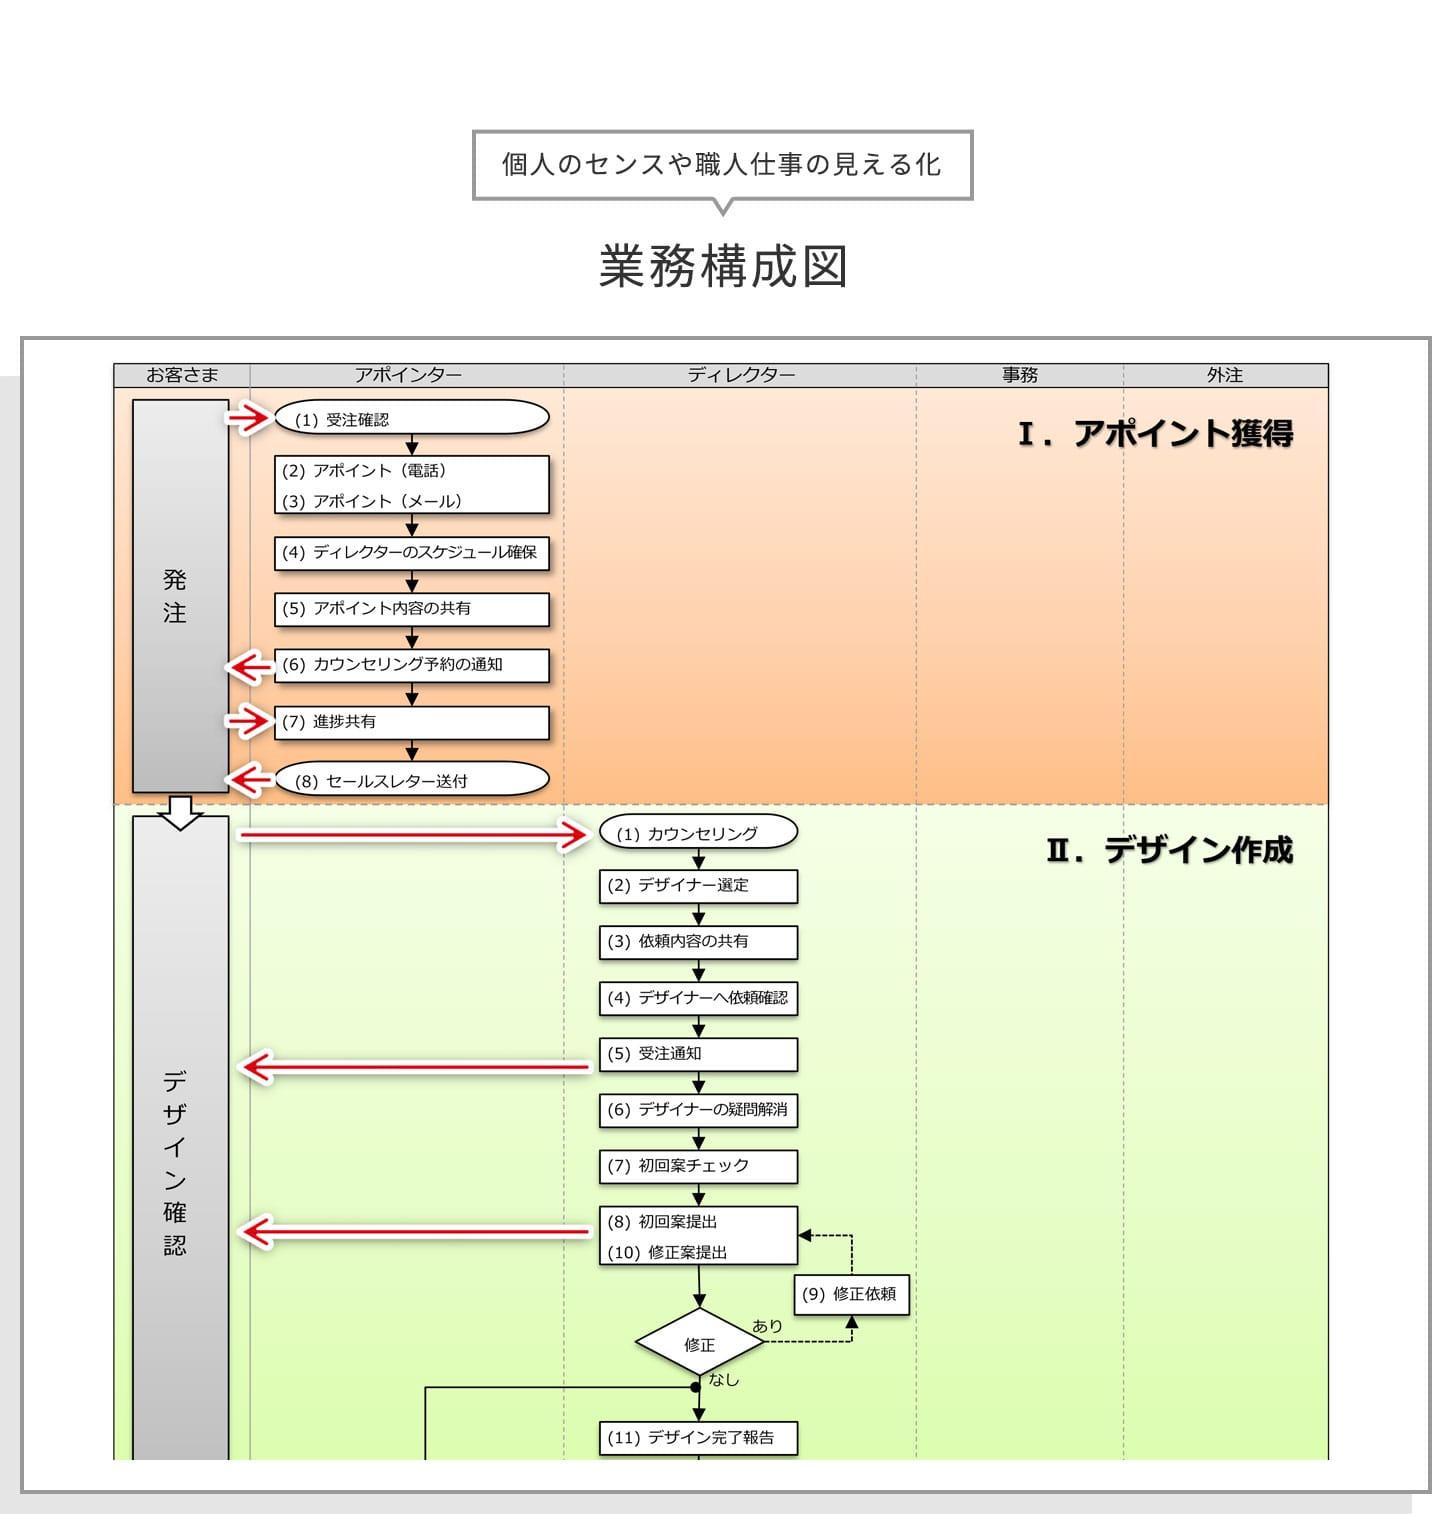 個人のセンスや職人仕事も見える化 / 業務構成図